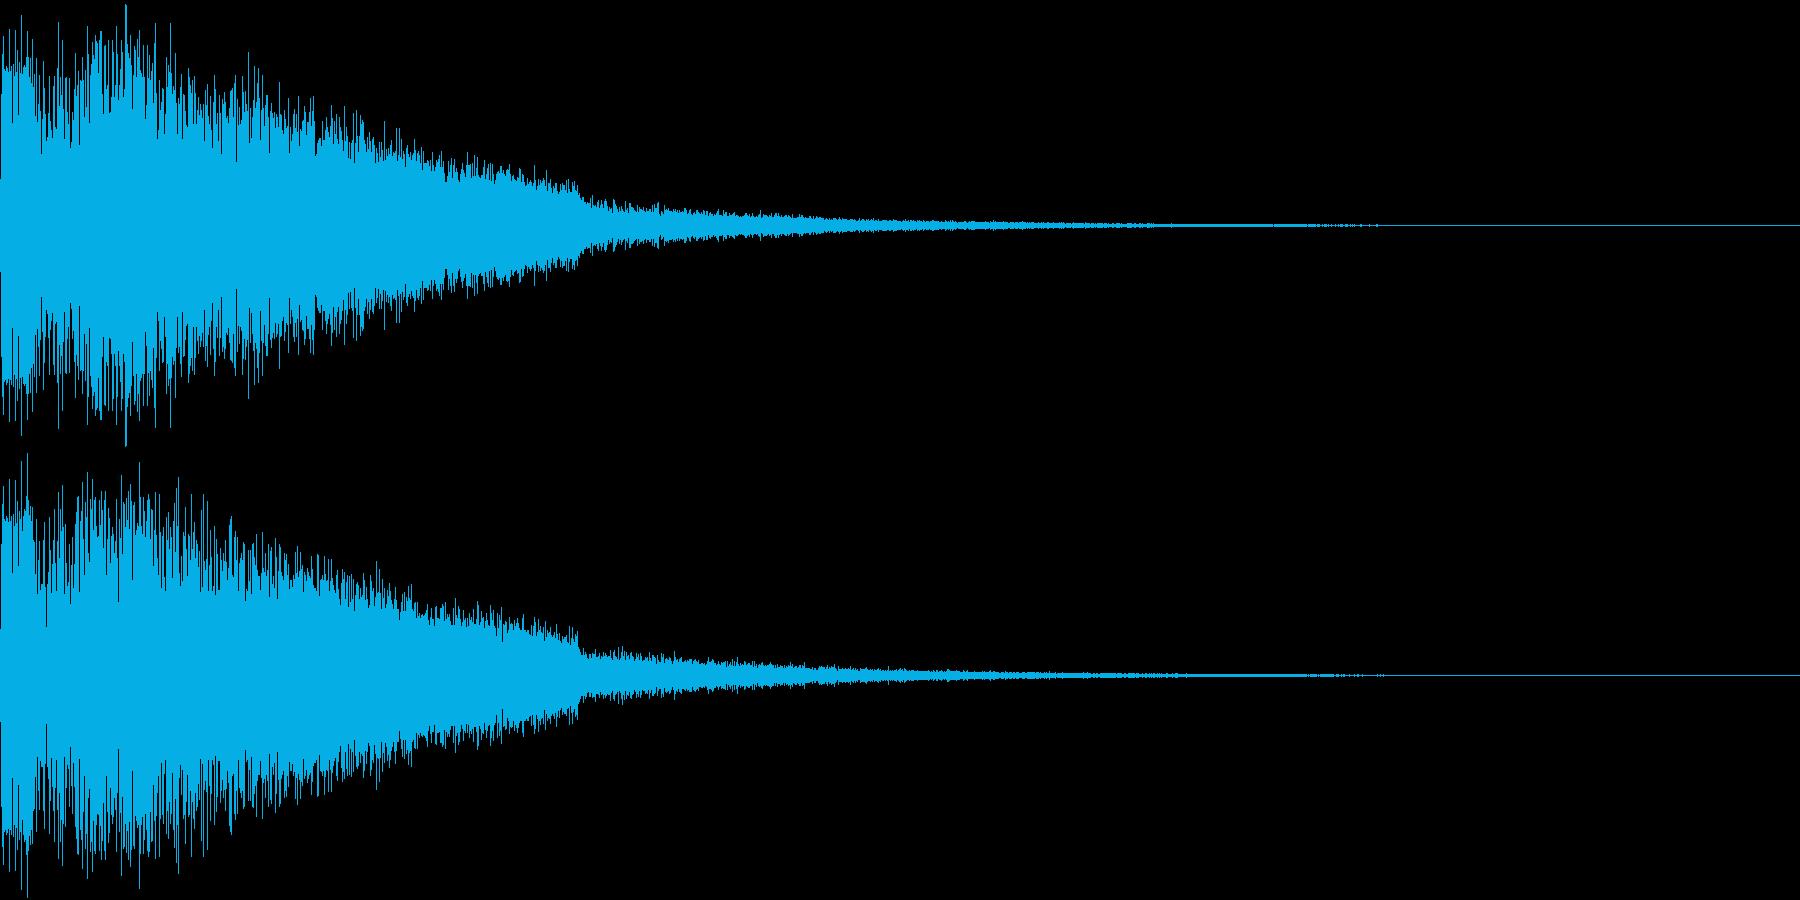 ピキューン ジャンプ ポヨーン Bの再生済みの波形